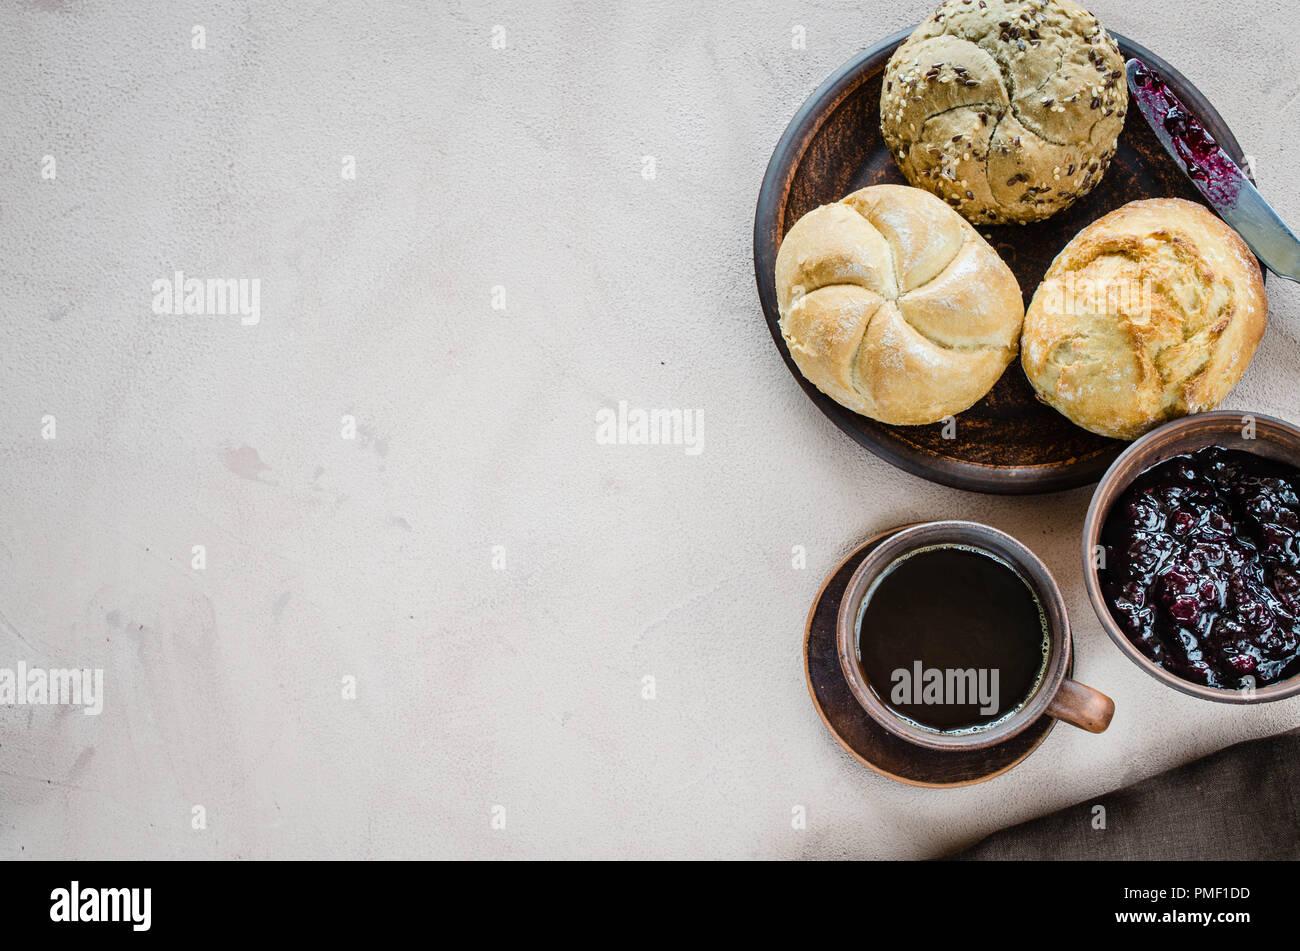 Il caffè americano, panini freschi e marmellata. Semplice colazione in mattina. Stile rustico. Immagini Stock